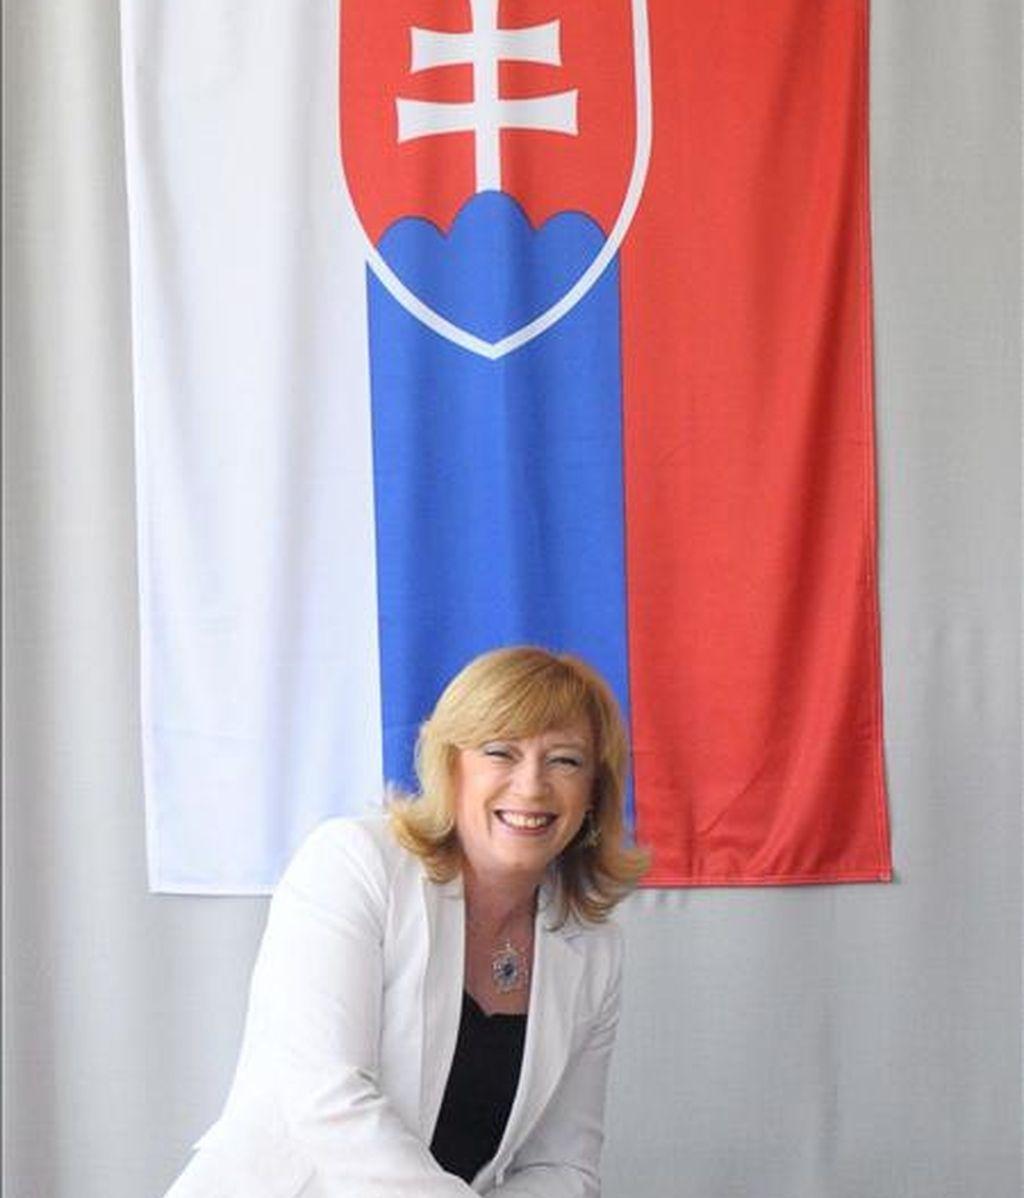 La candidata presidencial Iveta Radicova, deposita hoy su voto en un colegio electoral de Nova Dedinka (Eslovaquia), durante la segunda vuelta de las elecciones presidenciales eslovacas. EFE